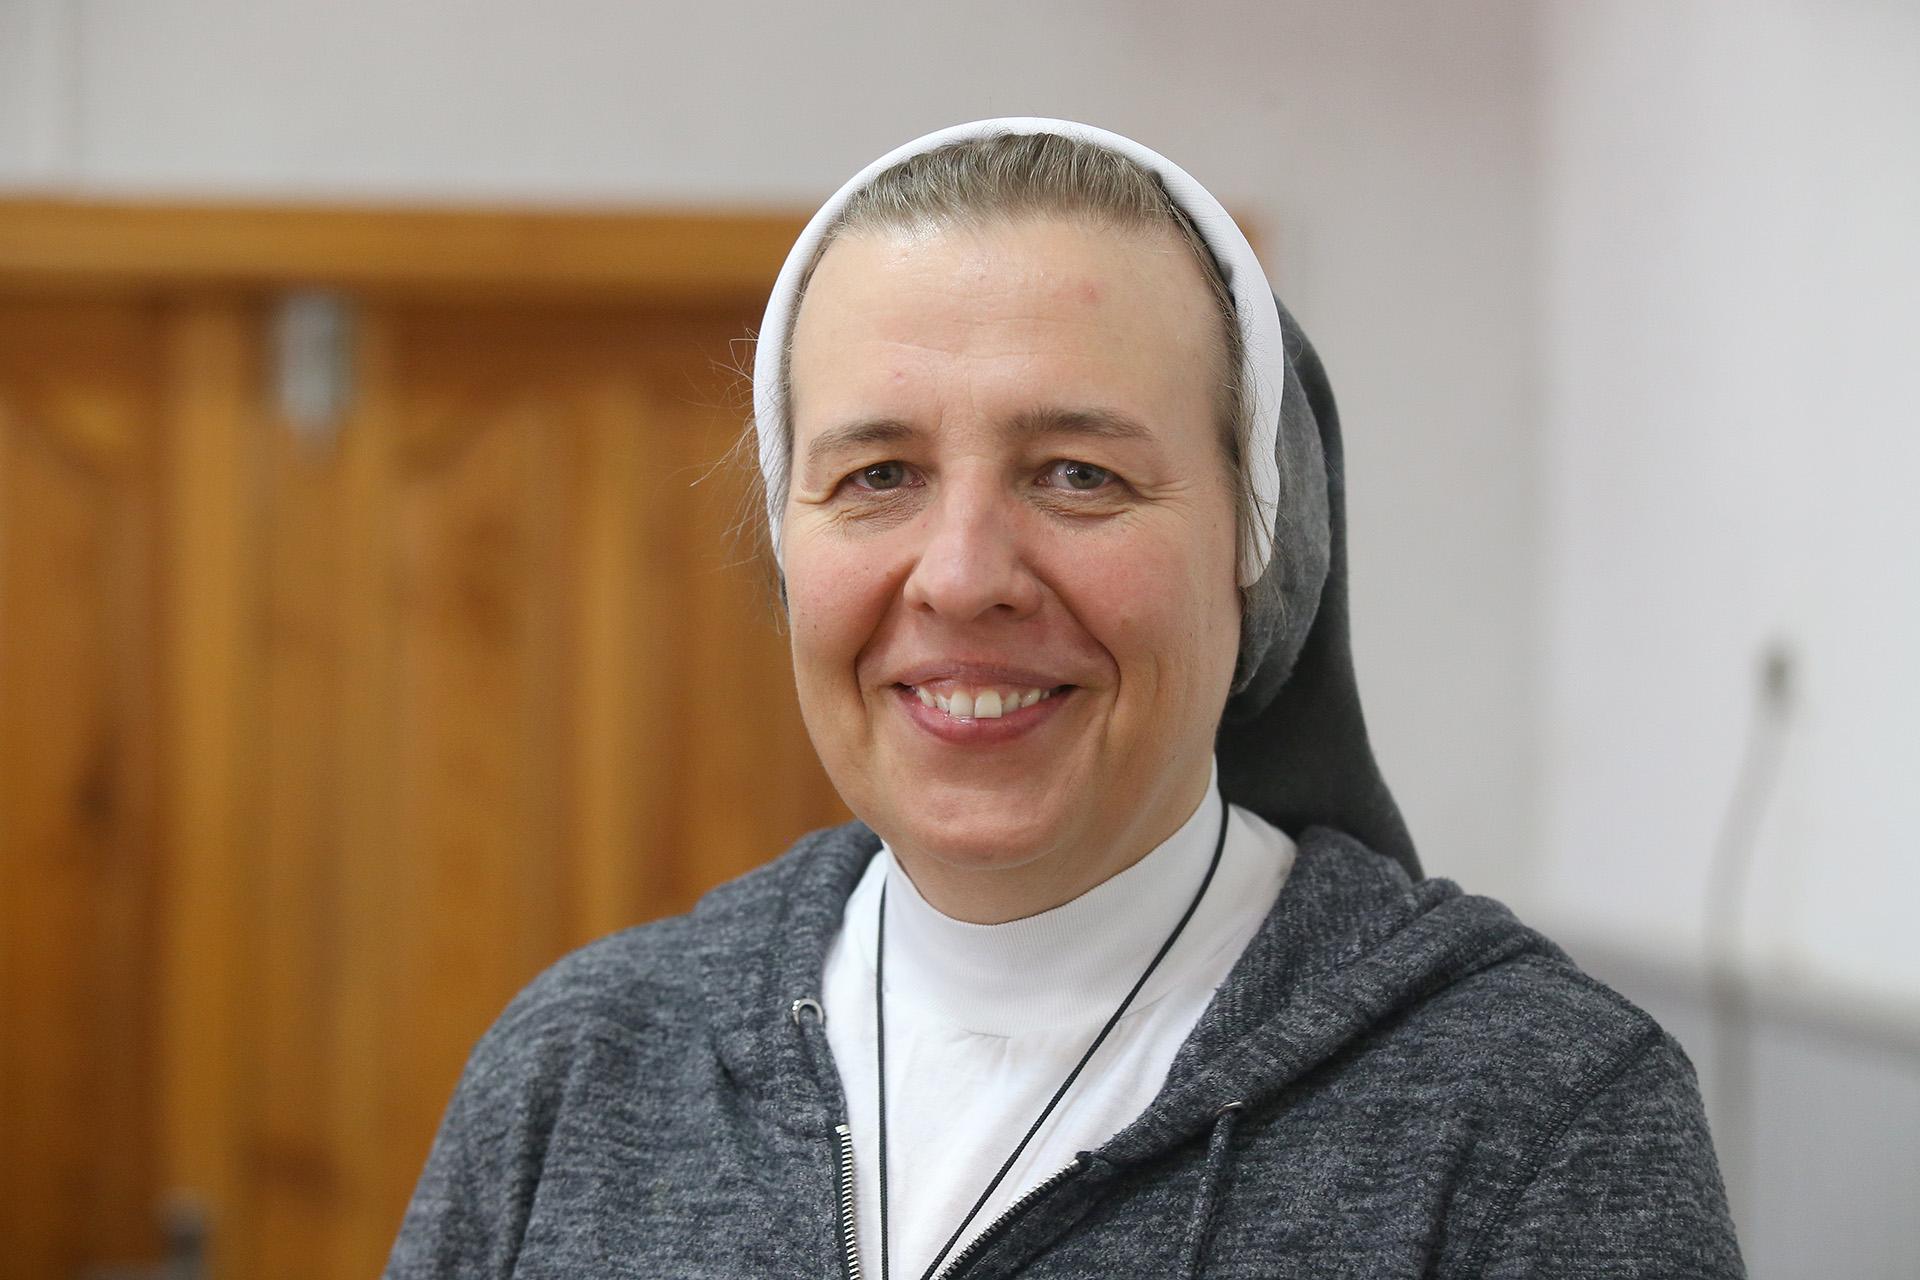 Konferencijoje pranešimą apie prekybą žmonėmis skaitė Šventosios Šeimos Seserų Kongregacijos vienuolė Fausta Palaimaitė. A. Barzdžiaus nuotr.